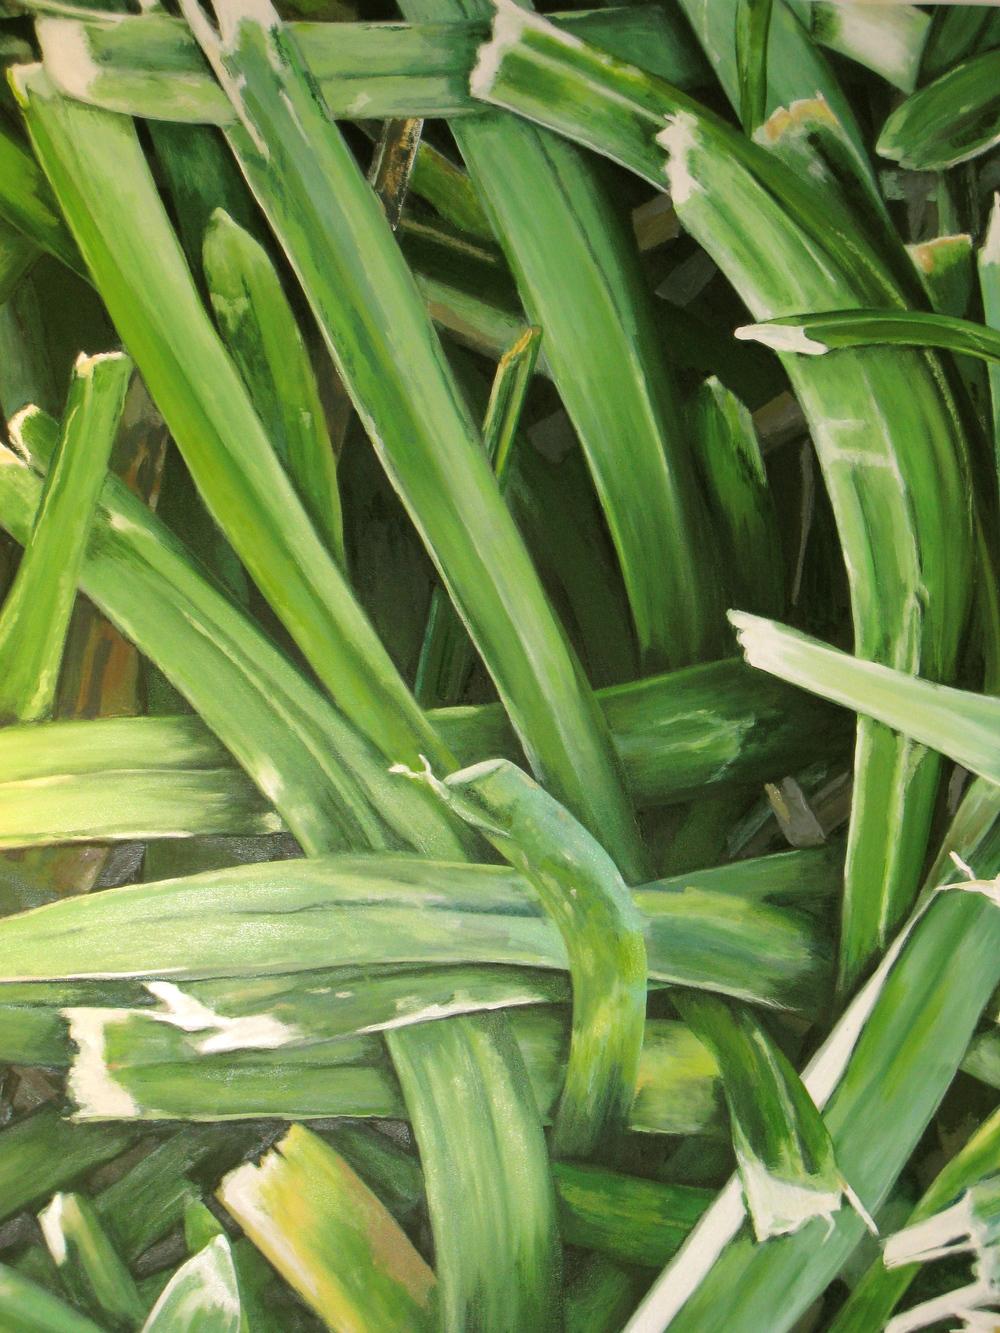 Large Grass Up Close, 2010